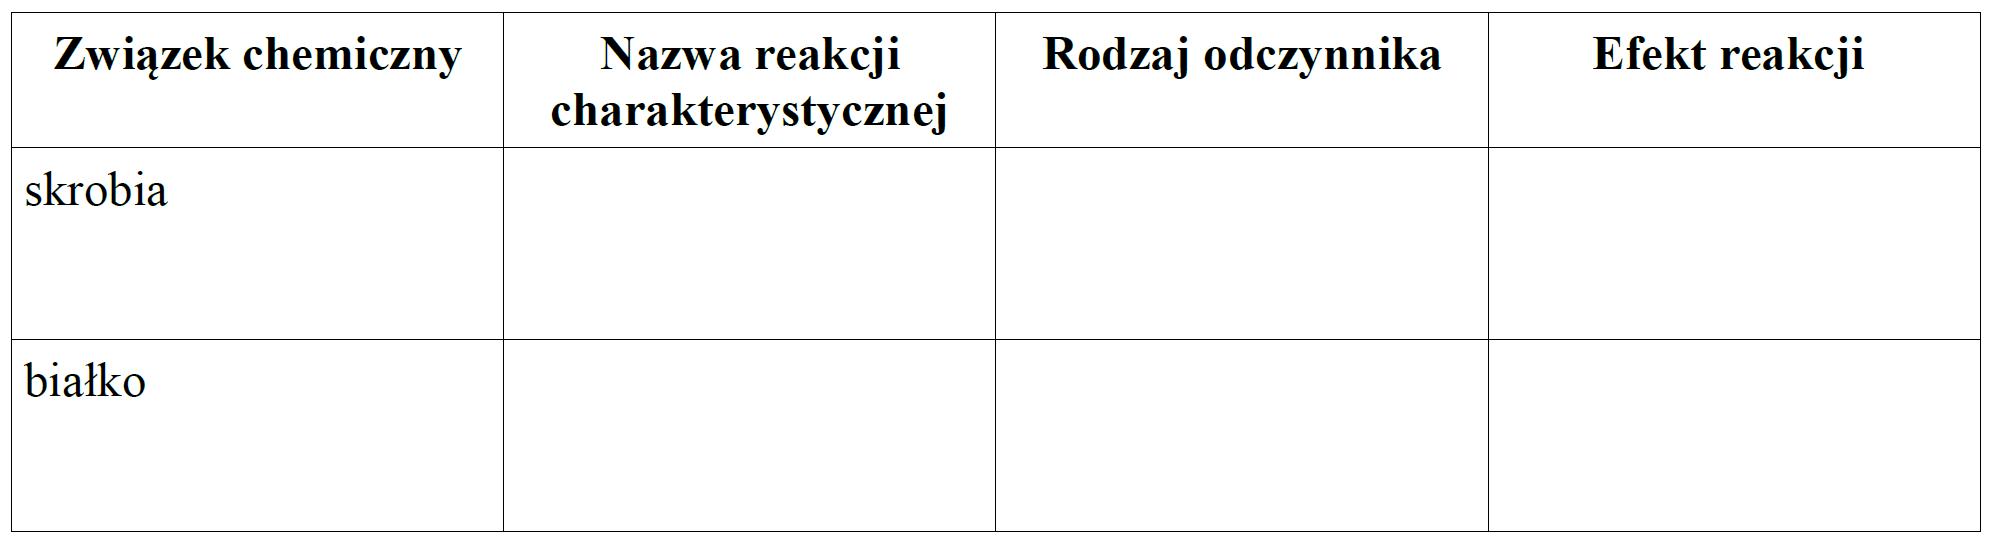 Uzupełnij poniższą tabelę wpisując reakcję charakterystyczną stosowaną na wykrywanie skrobi i białka, rodzaj odczynnika oraz efekt reakcji chemicznej potwierdzającej obecność tych związków chemicznych w produktach spożywczych.